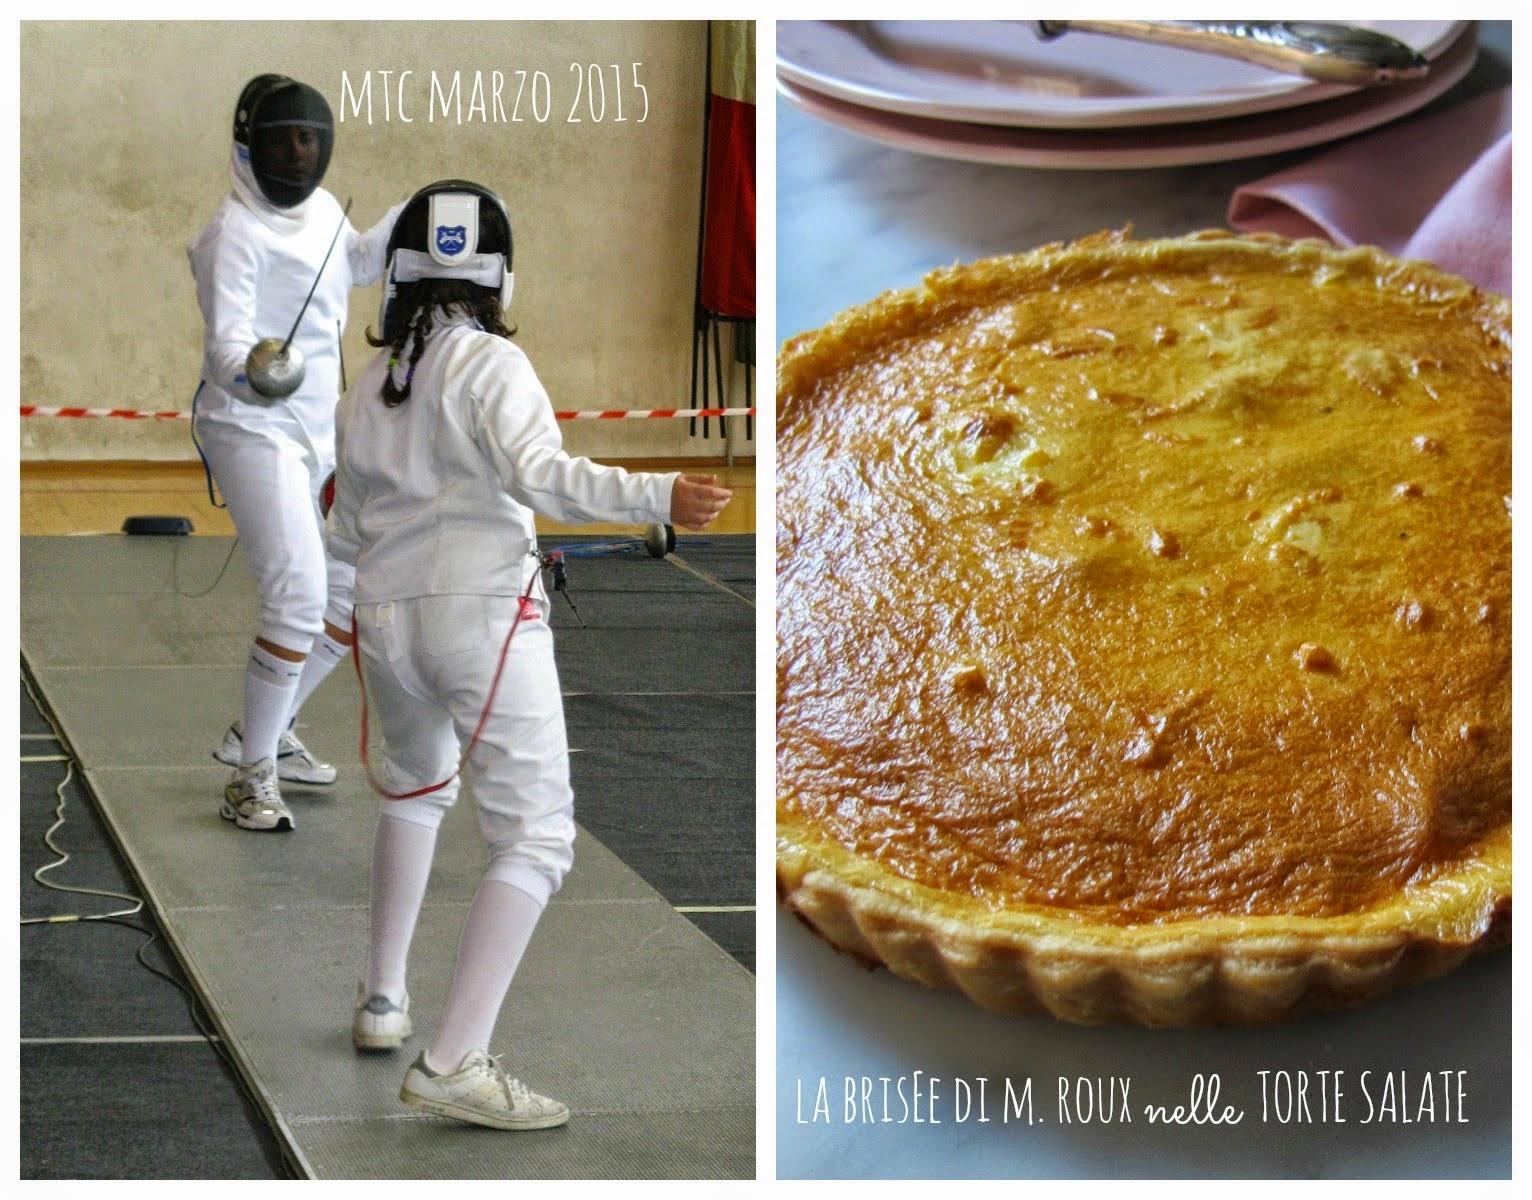 www.mtchallenge.it/2015/03/mtcn-46la-ricetta-dellasfida-di-marzo.htm